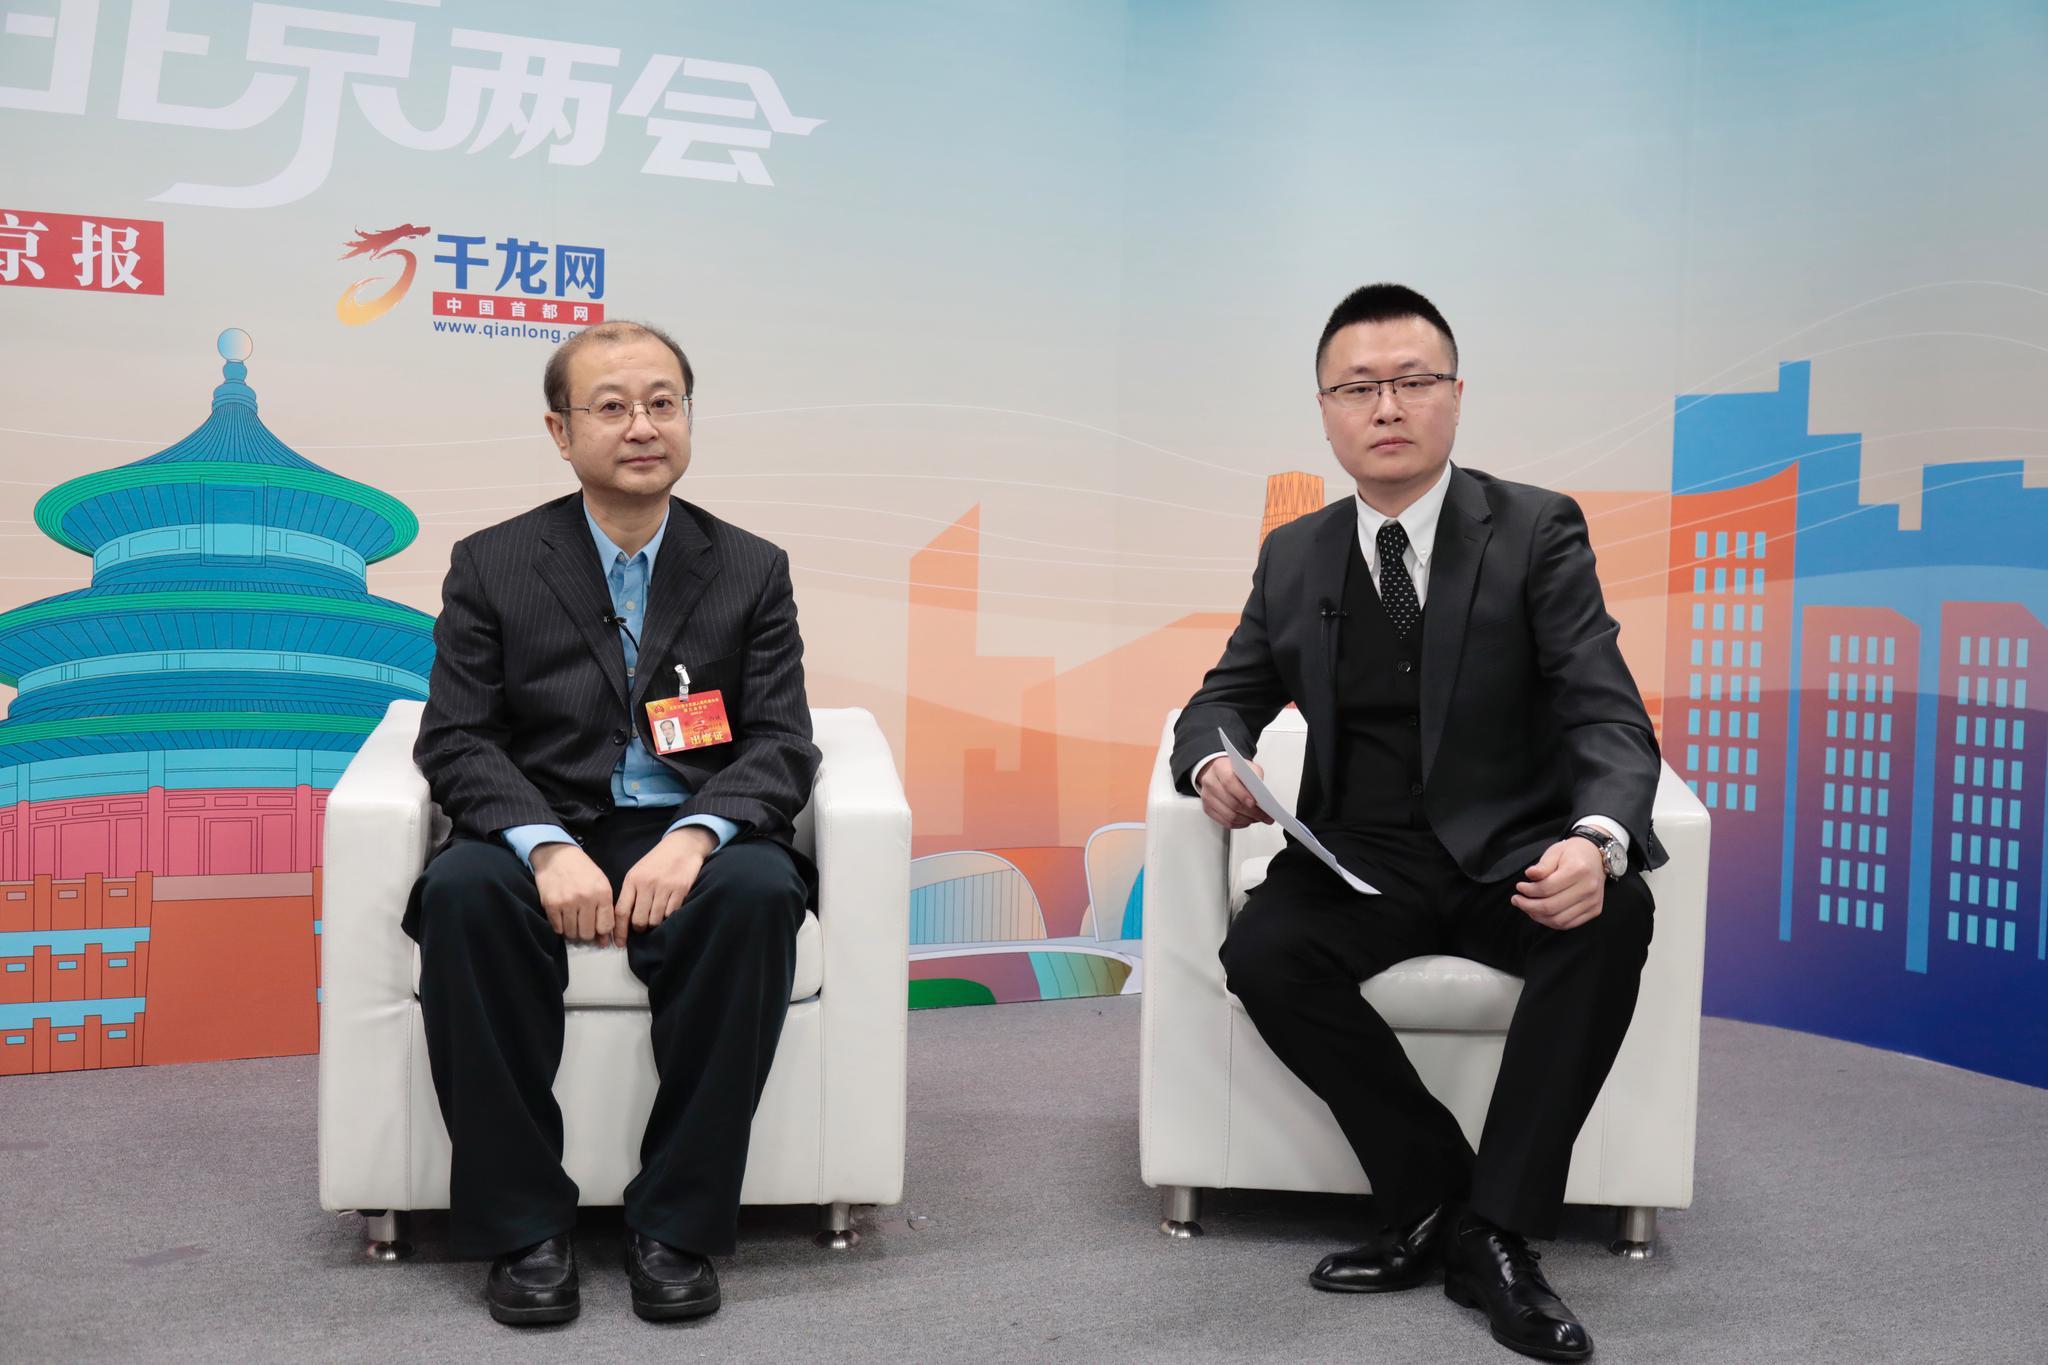 市人大代外熊辉、孟令悦批准新京报视频采访,就院前急救建言献策。摄/新京报记者 王嘉宁